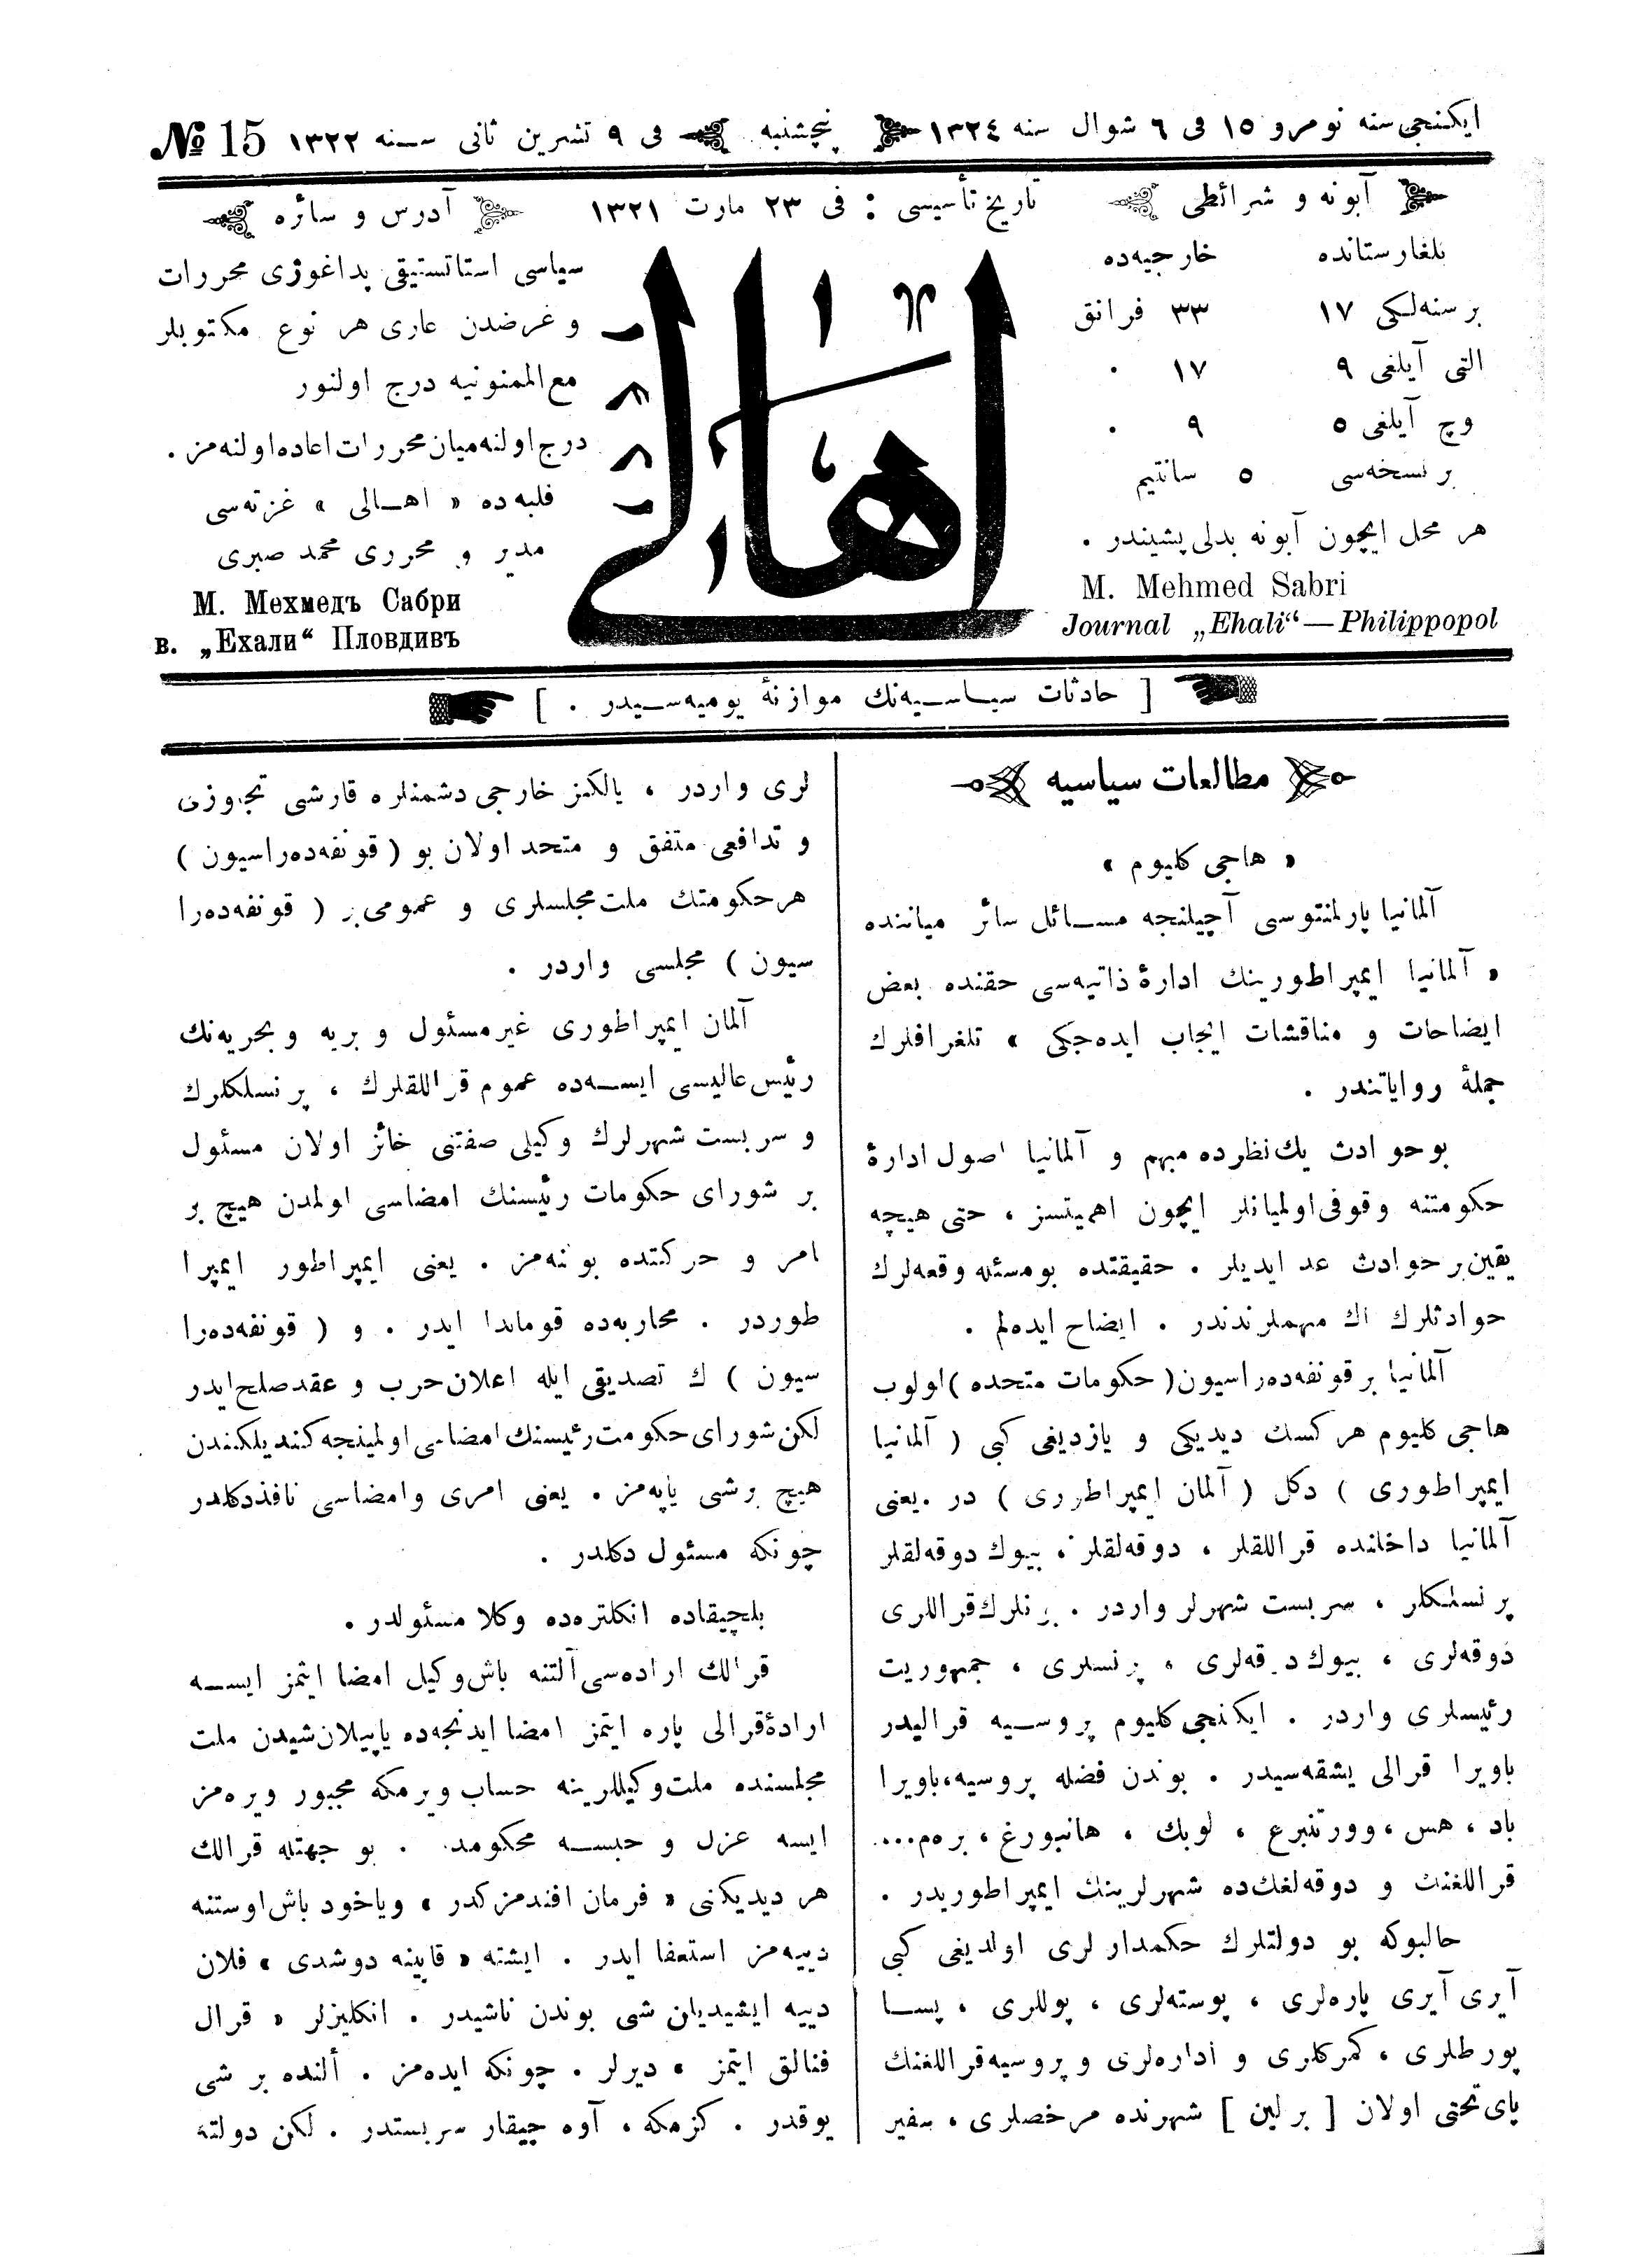 22 Kasım 1906 Tarihli Ahali (Filibe) Gazetesi Sayfa 1